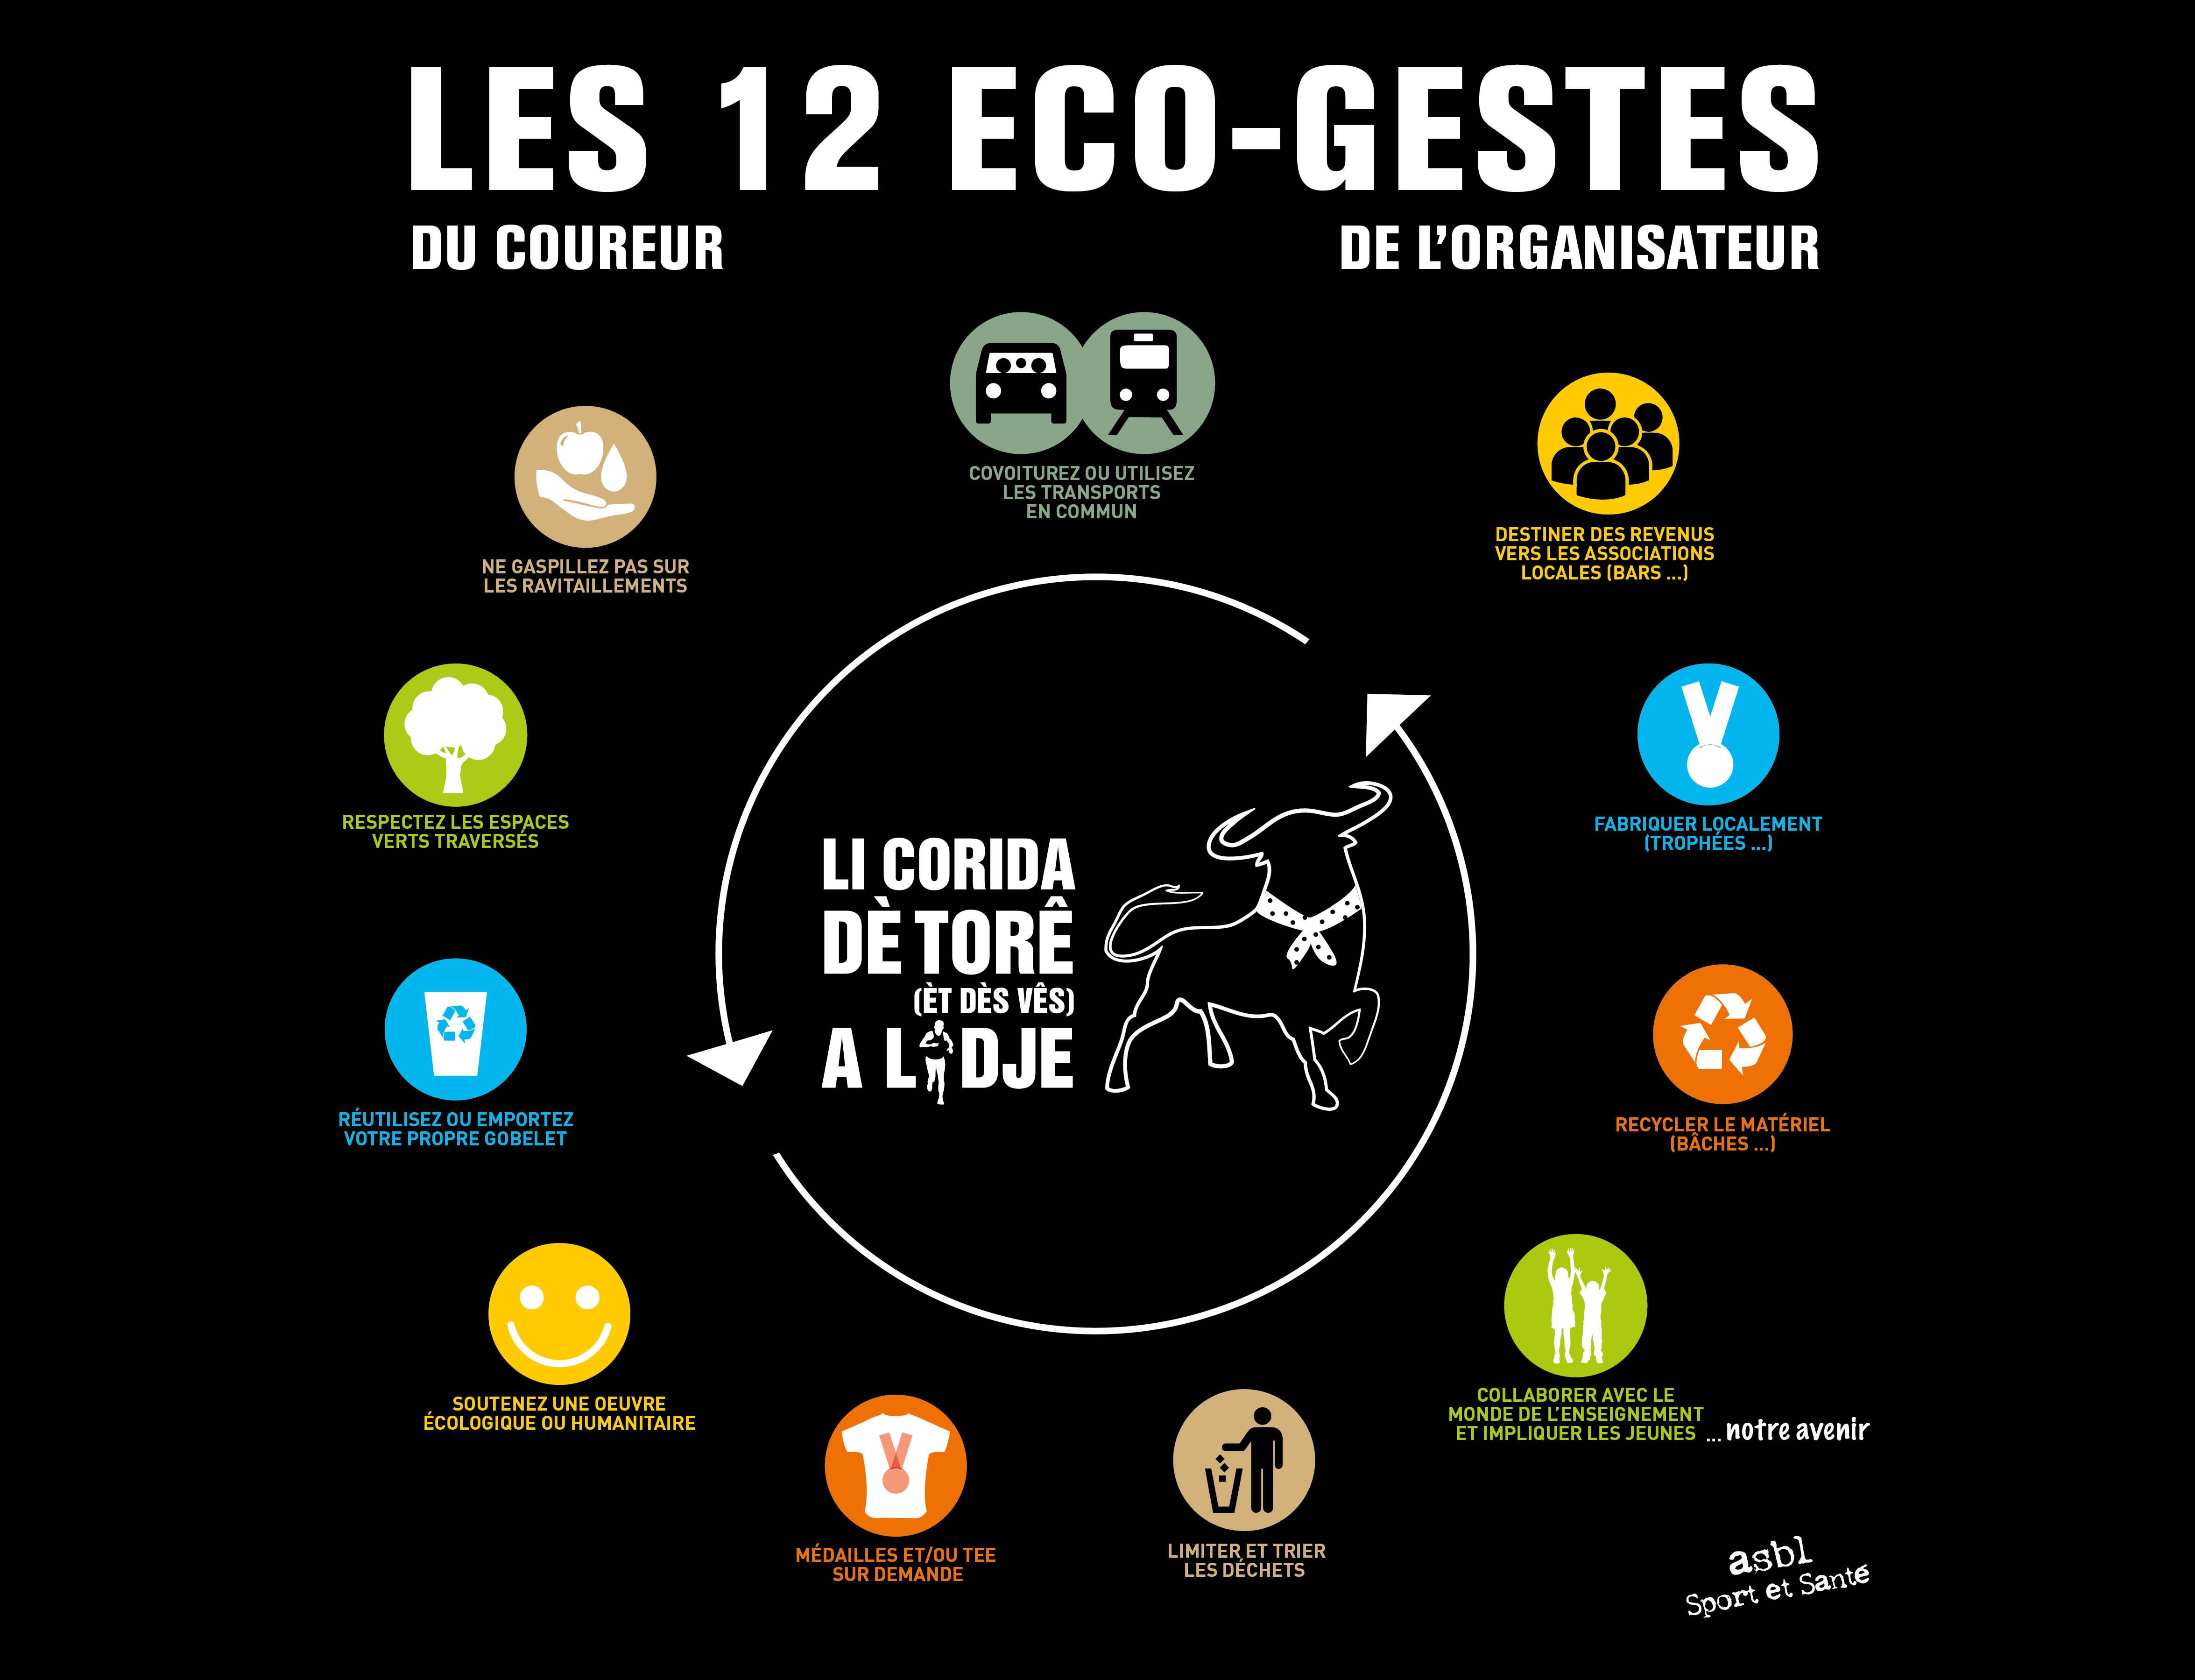 Eco-Liege corrida